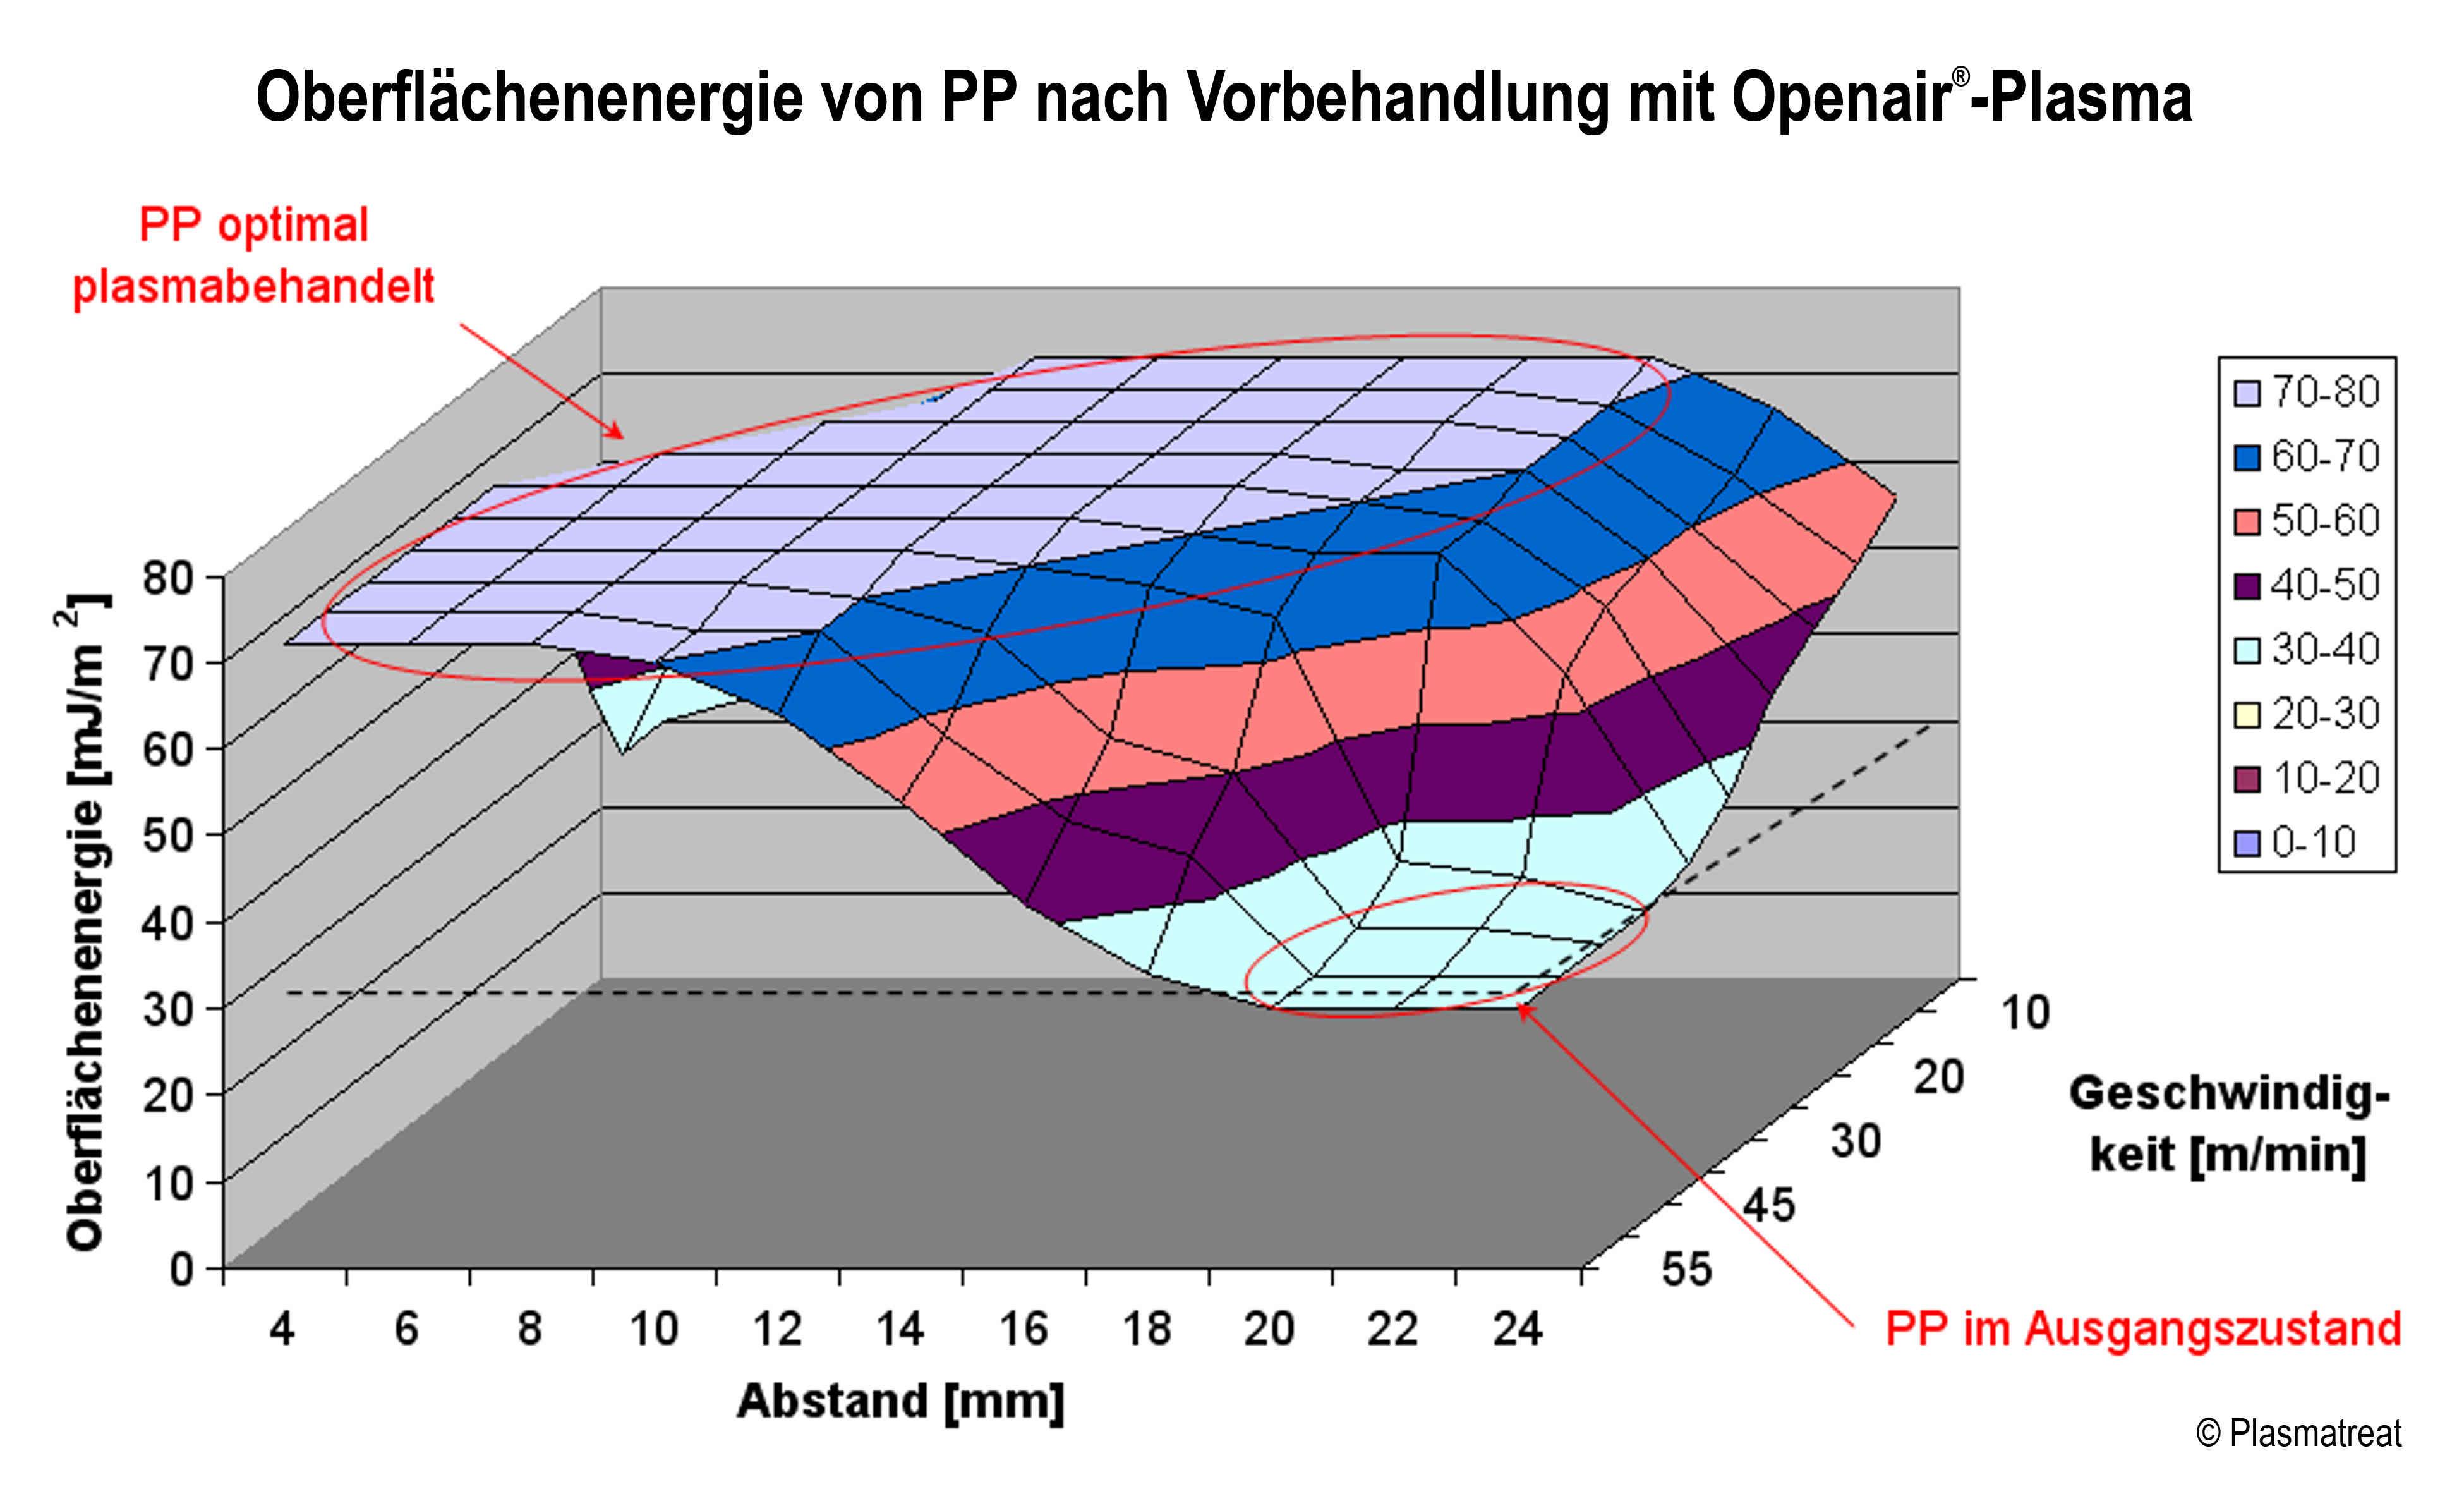 Bild 2. Grafik Plasmatreat Die Graphik zeigt eine unpolare Kunststoffoberfläche, die in Abhängigkeit von Abstand und Geschwindigkeit mit Plasma vorbehandelt wurde. Die Oberfläche wird nach der Behandlung polar und die Oberflächenenergie steigt auf >72mJ/m² bei großem Prozessfenster.